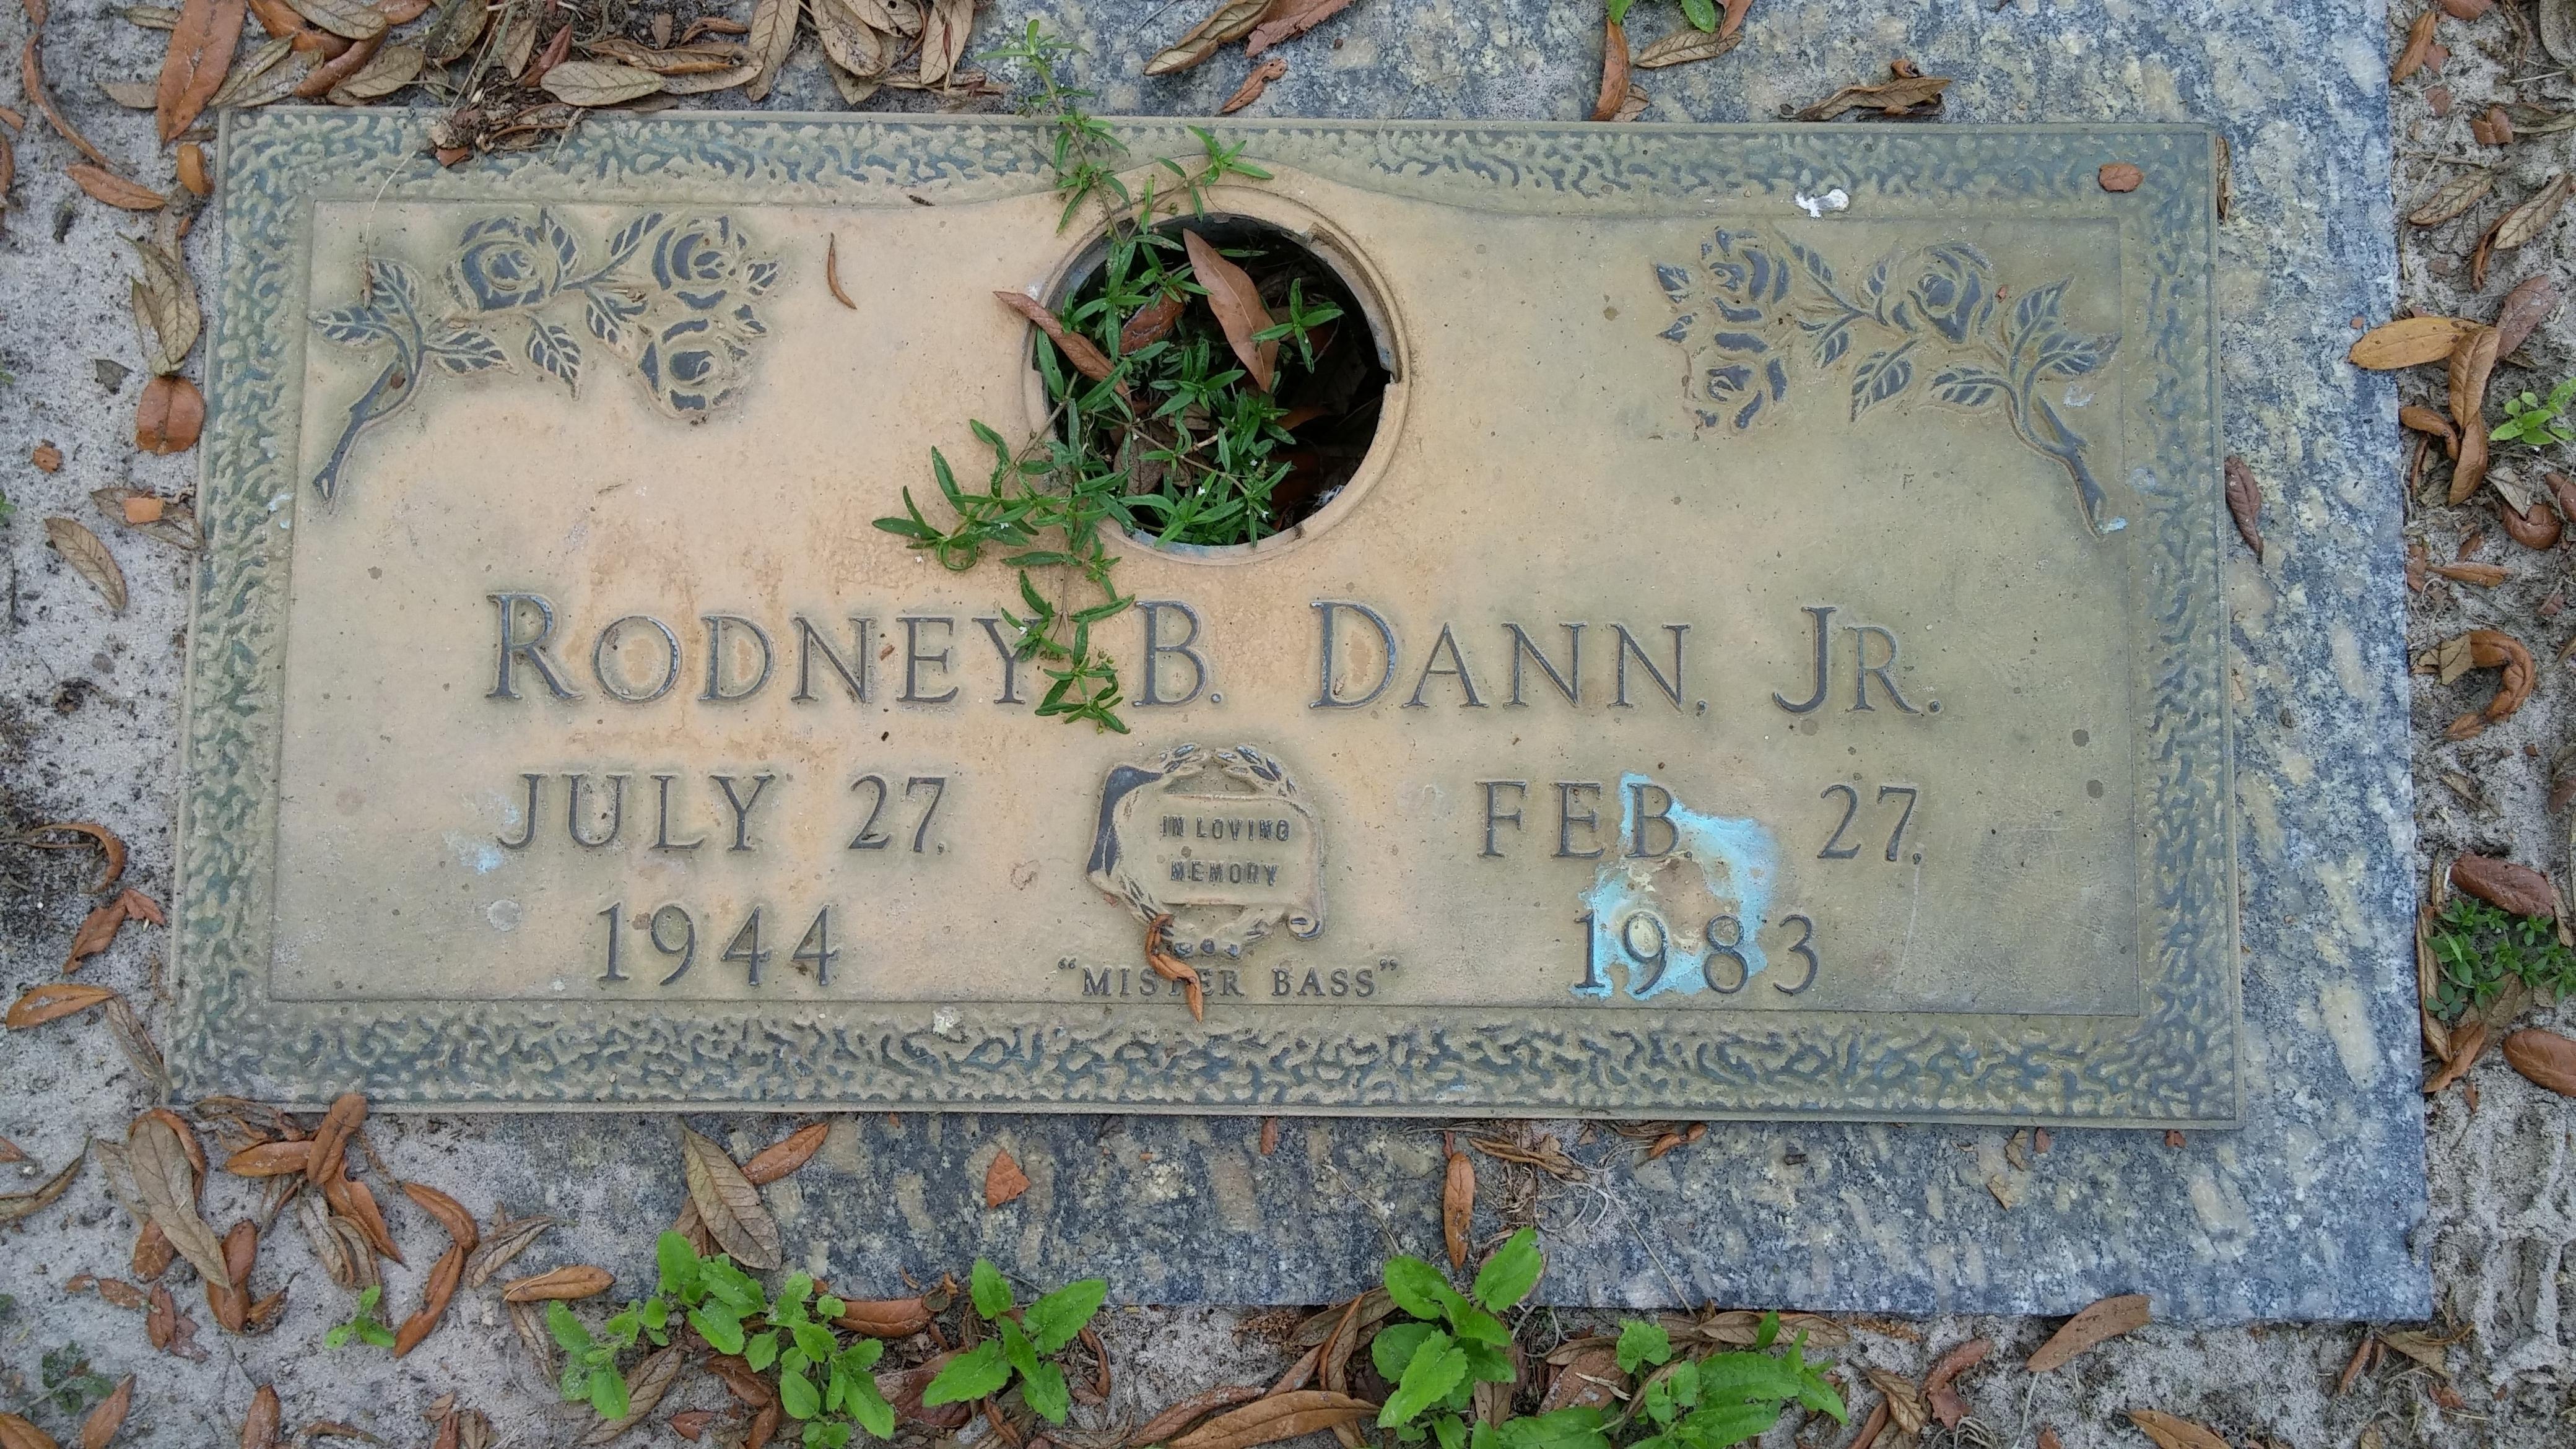 Rodney Bruce Dann, Jr